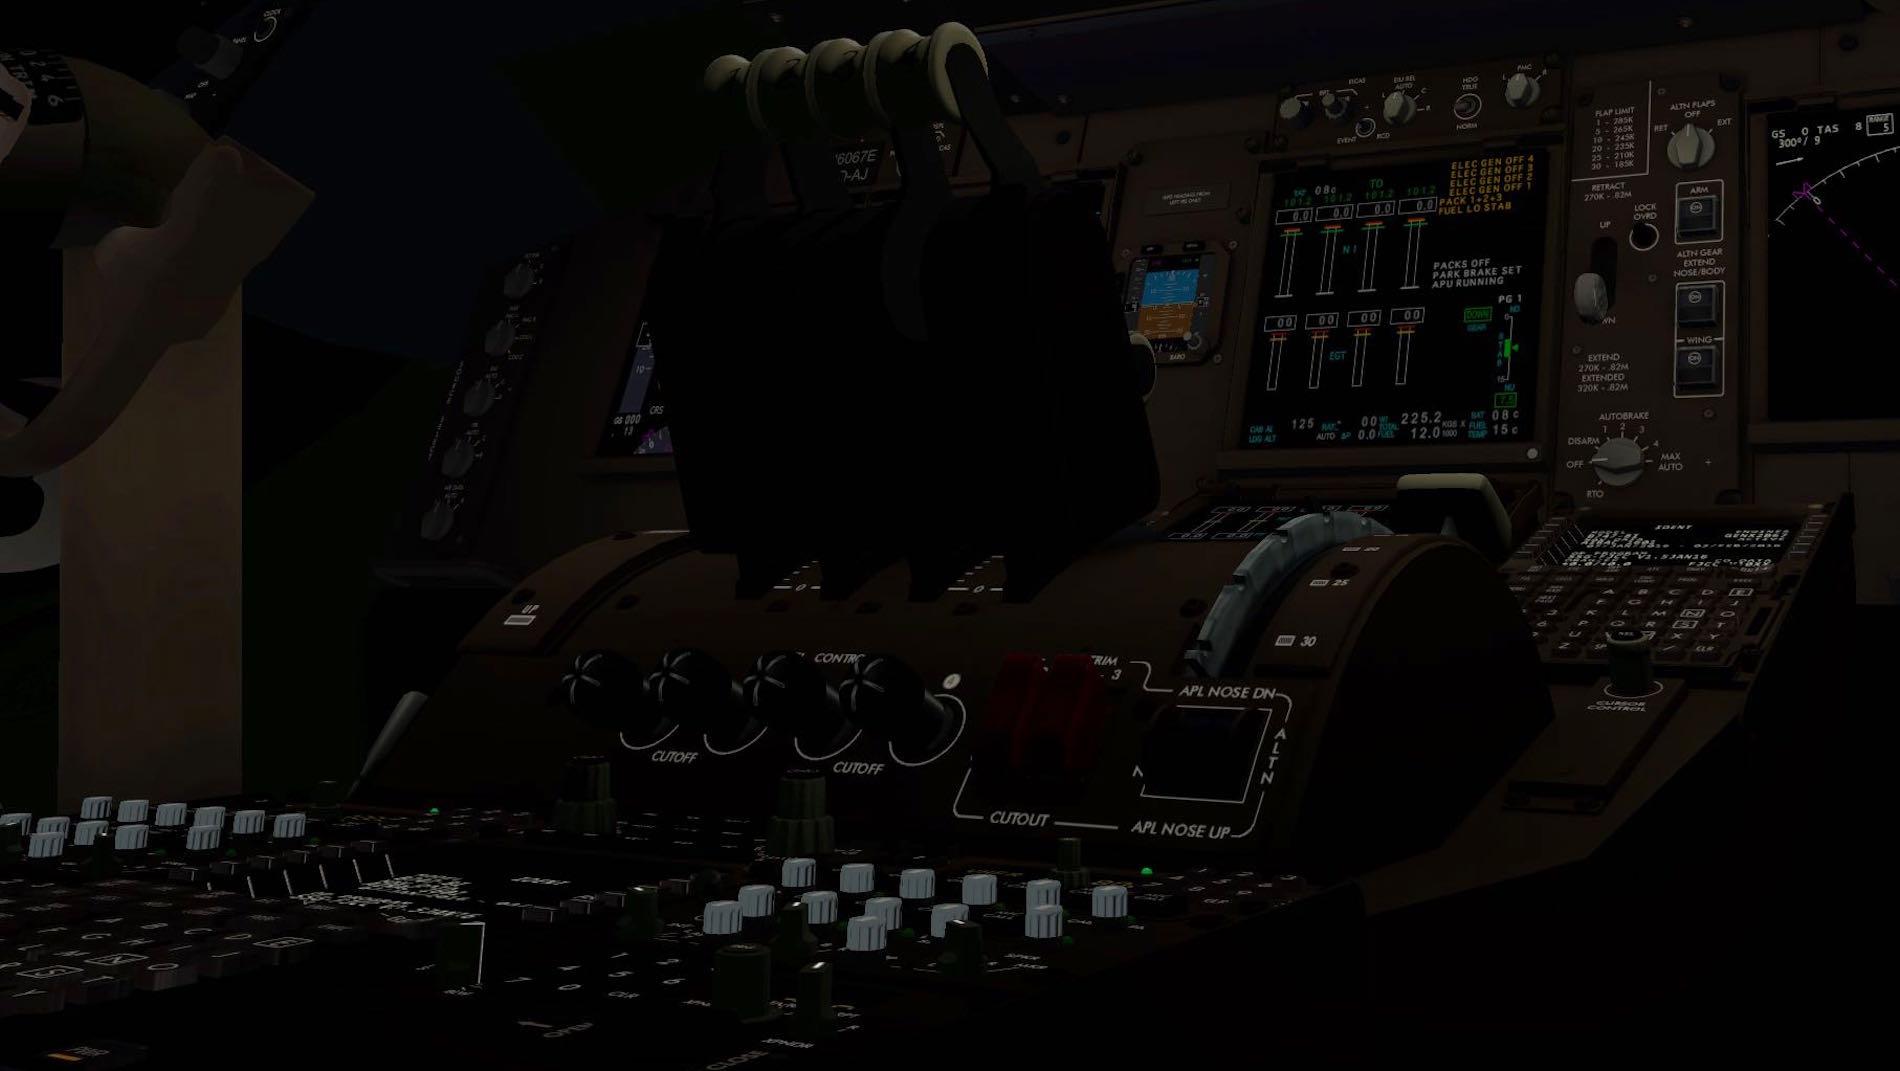 ssg-748i-00020